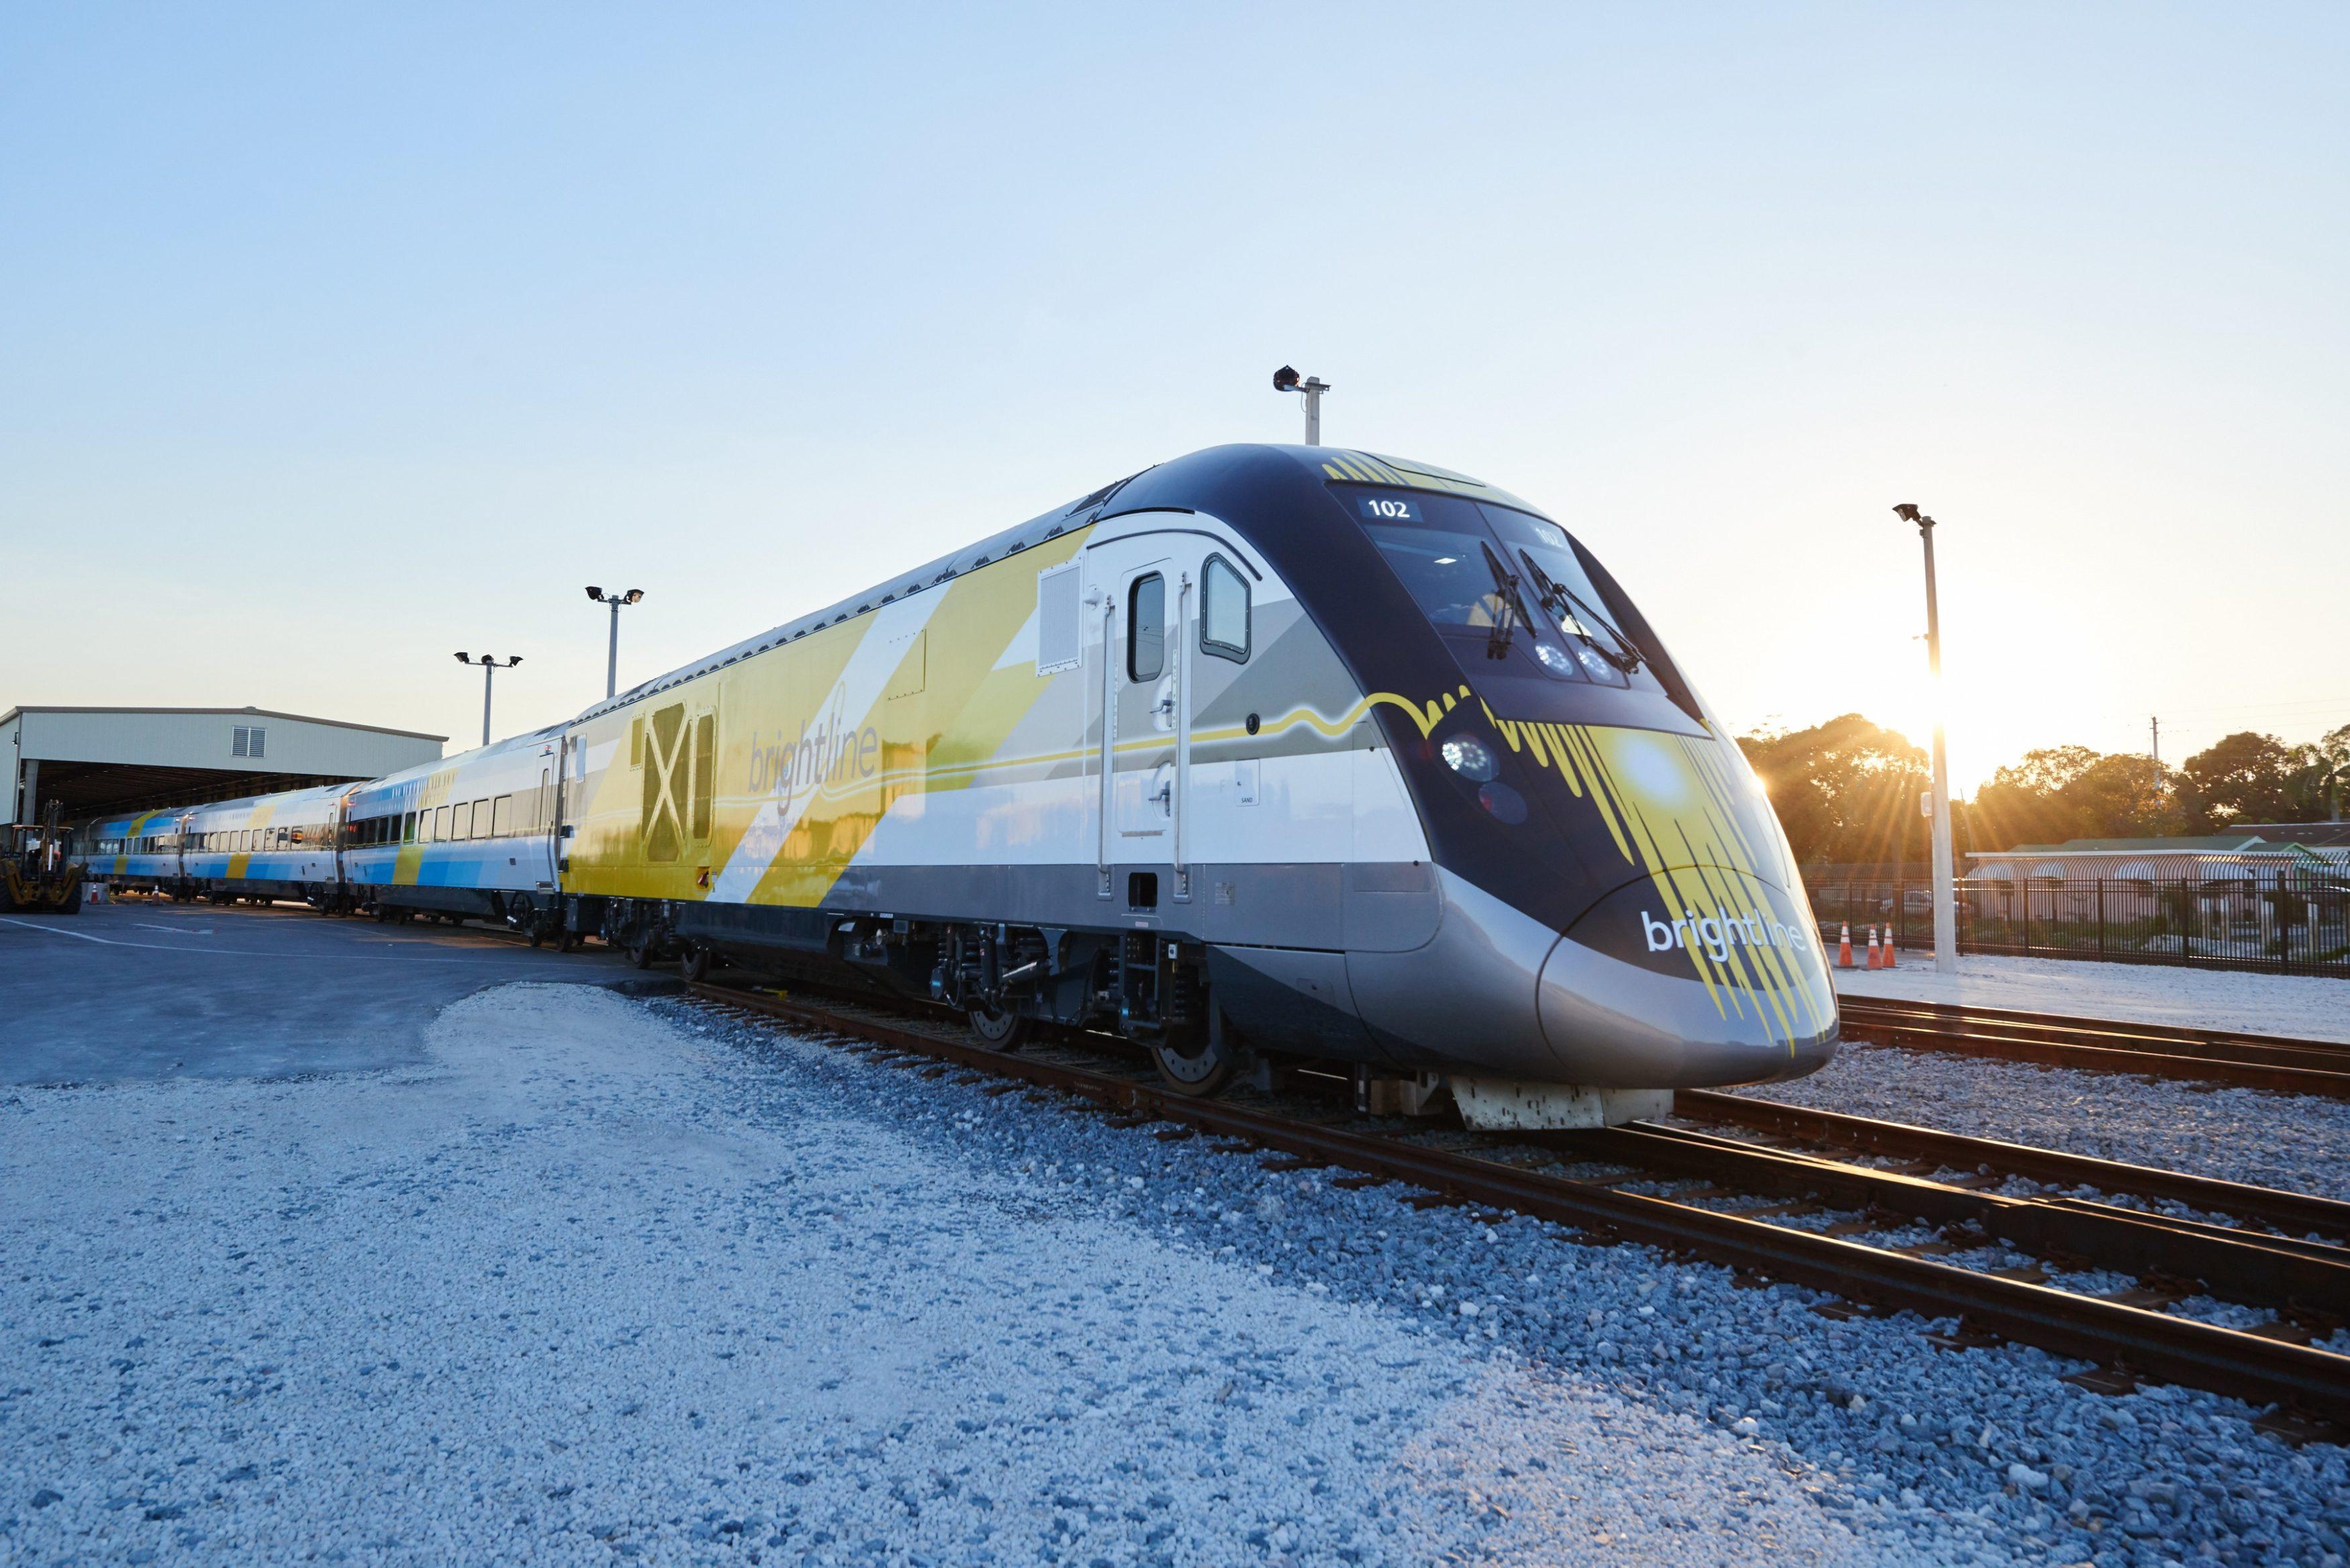 Brightline-train-All-Aboard-Florida-3500x2336.jpg